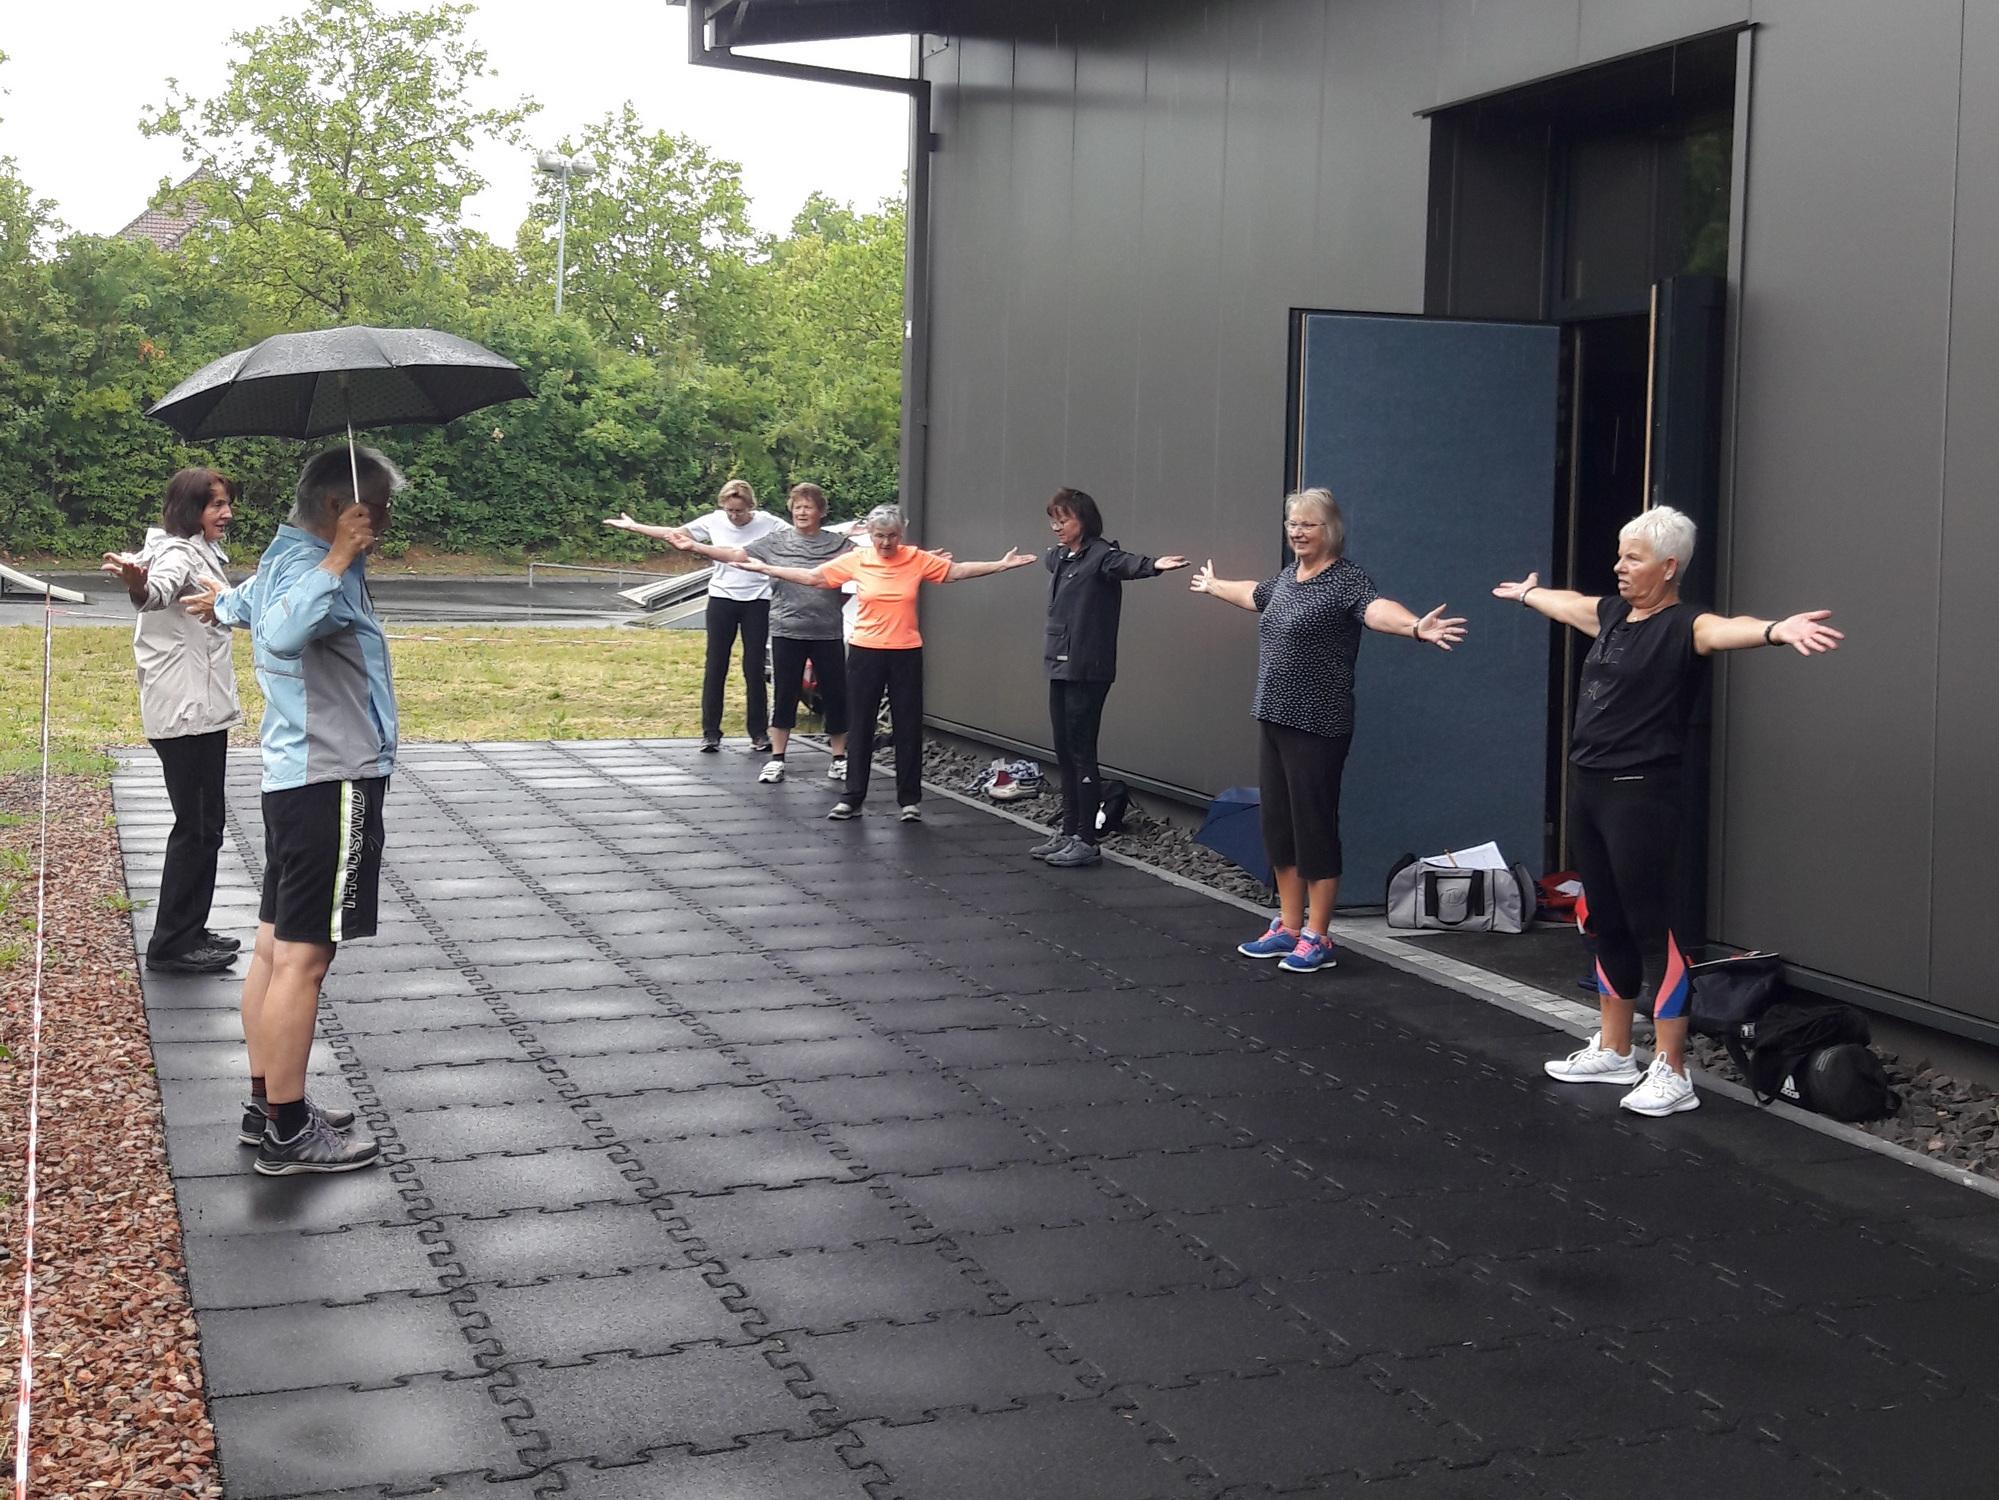 auch draußen auf dem Vereingsgelände möglich: Teilnehmer des Kurses Haltung und Bewegung vom TV Langenlonsheim